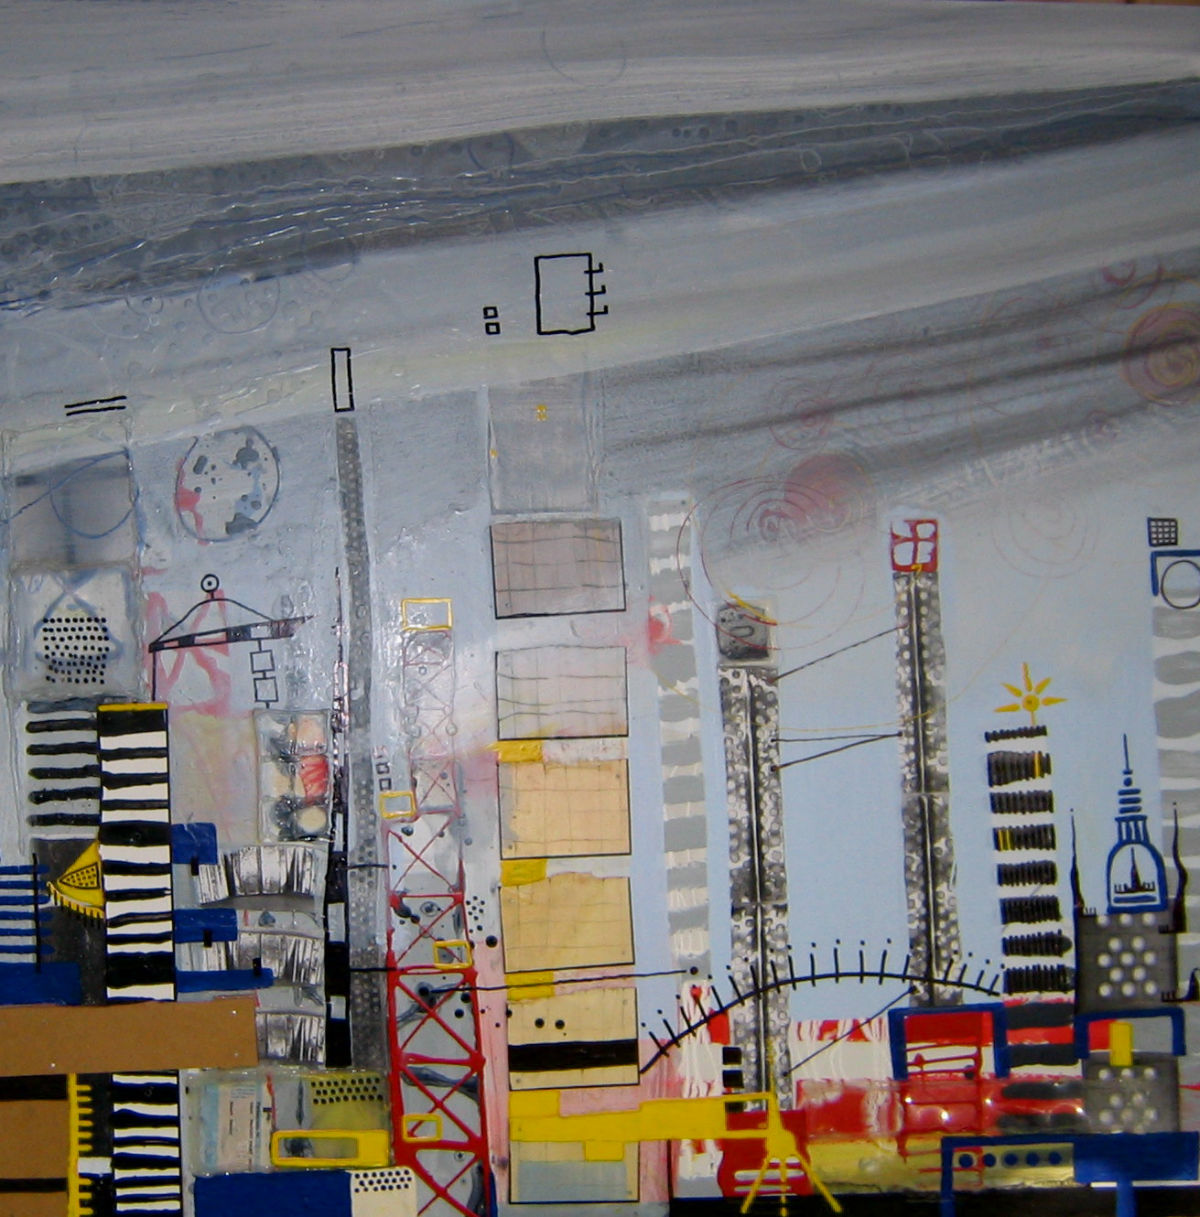 Ohne Titel, Lack, s/w Kopien, Heißkleber auf MDF, 100 cm x 100 cm, Privatbesitz